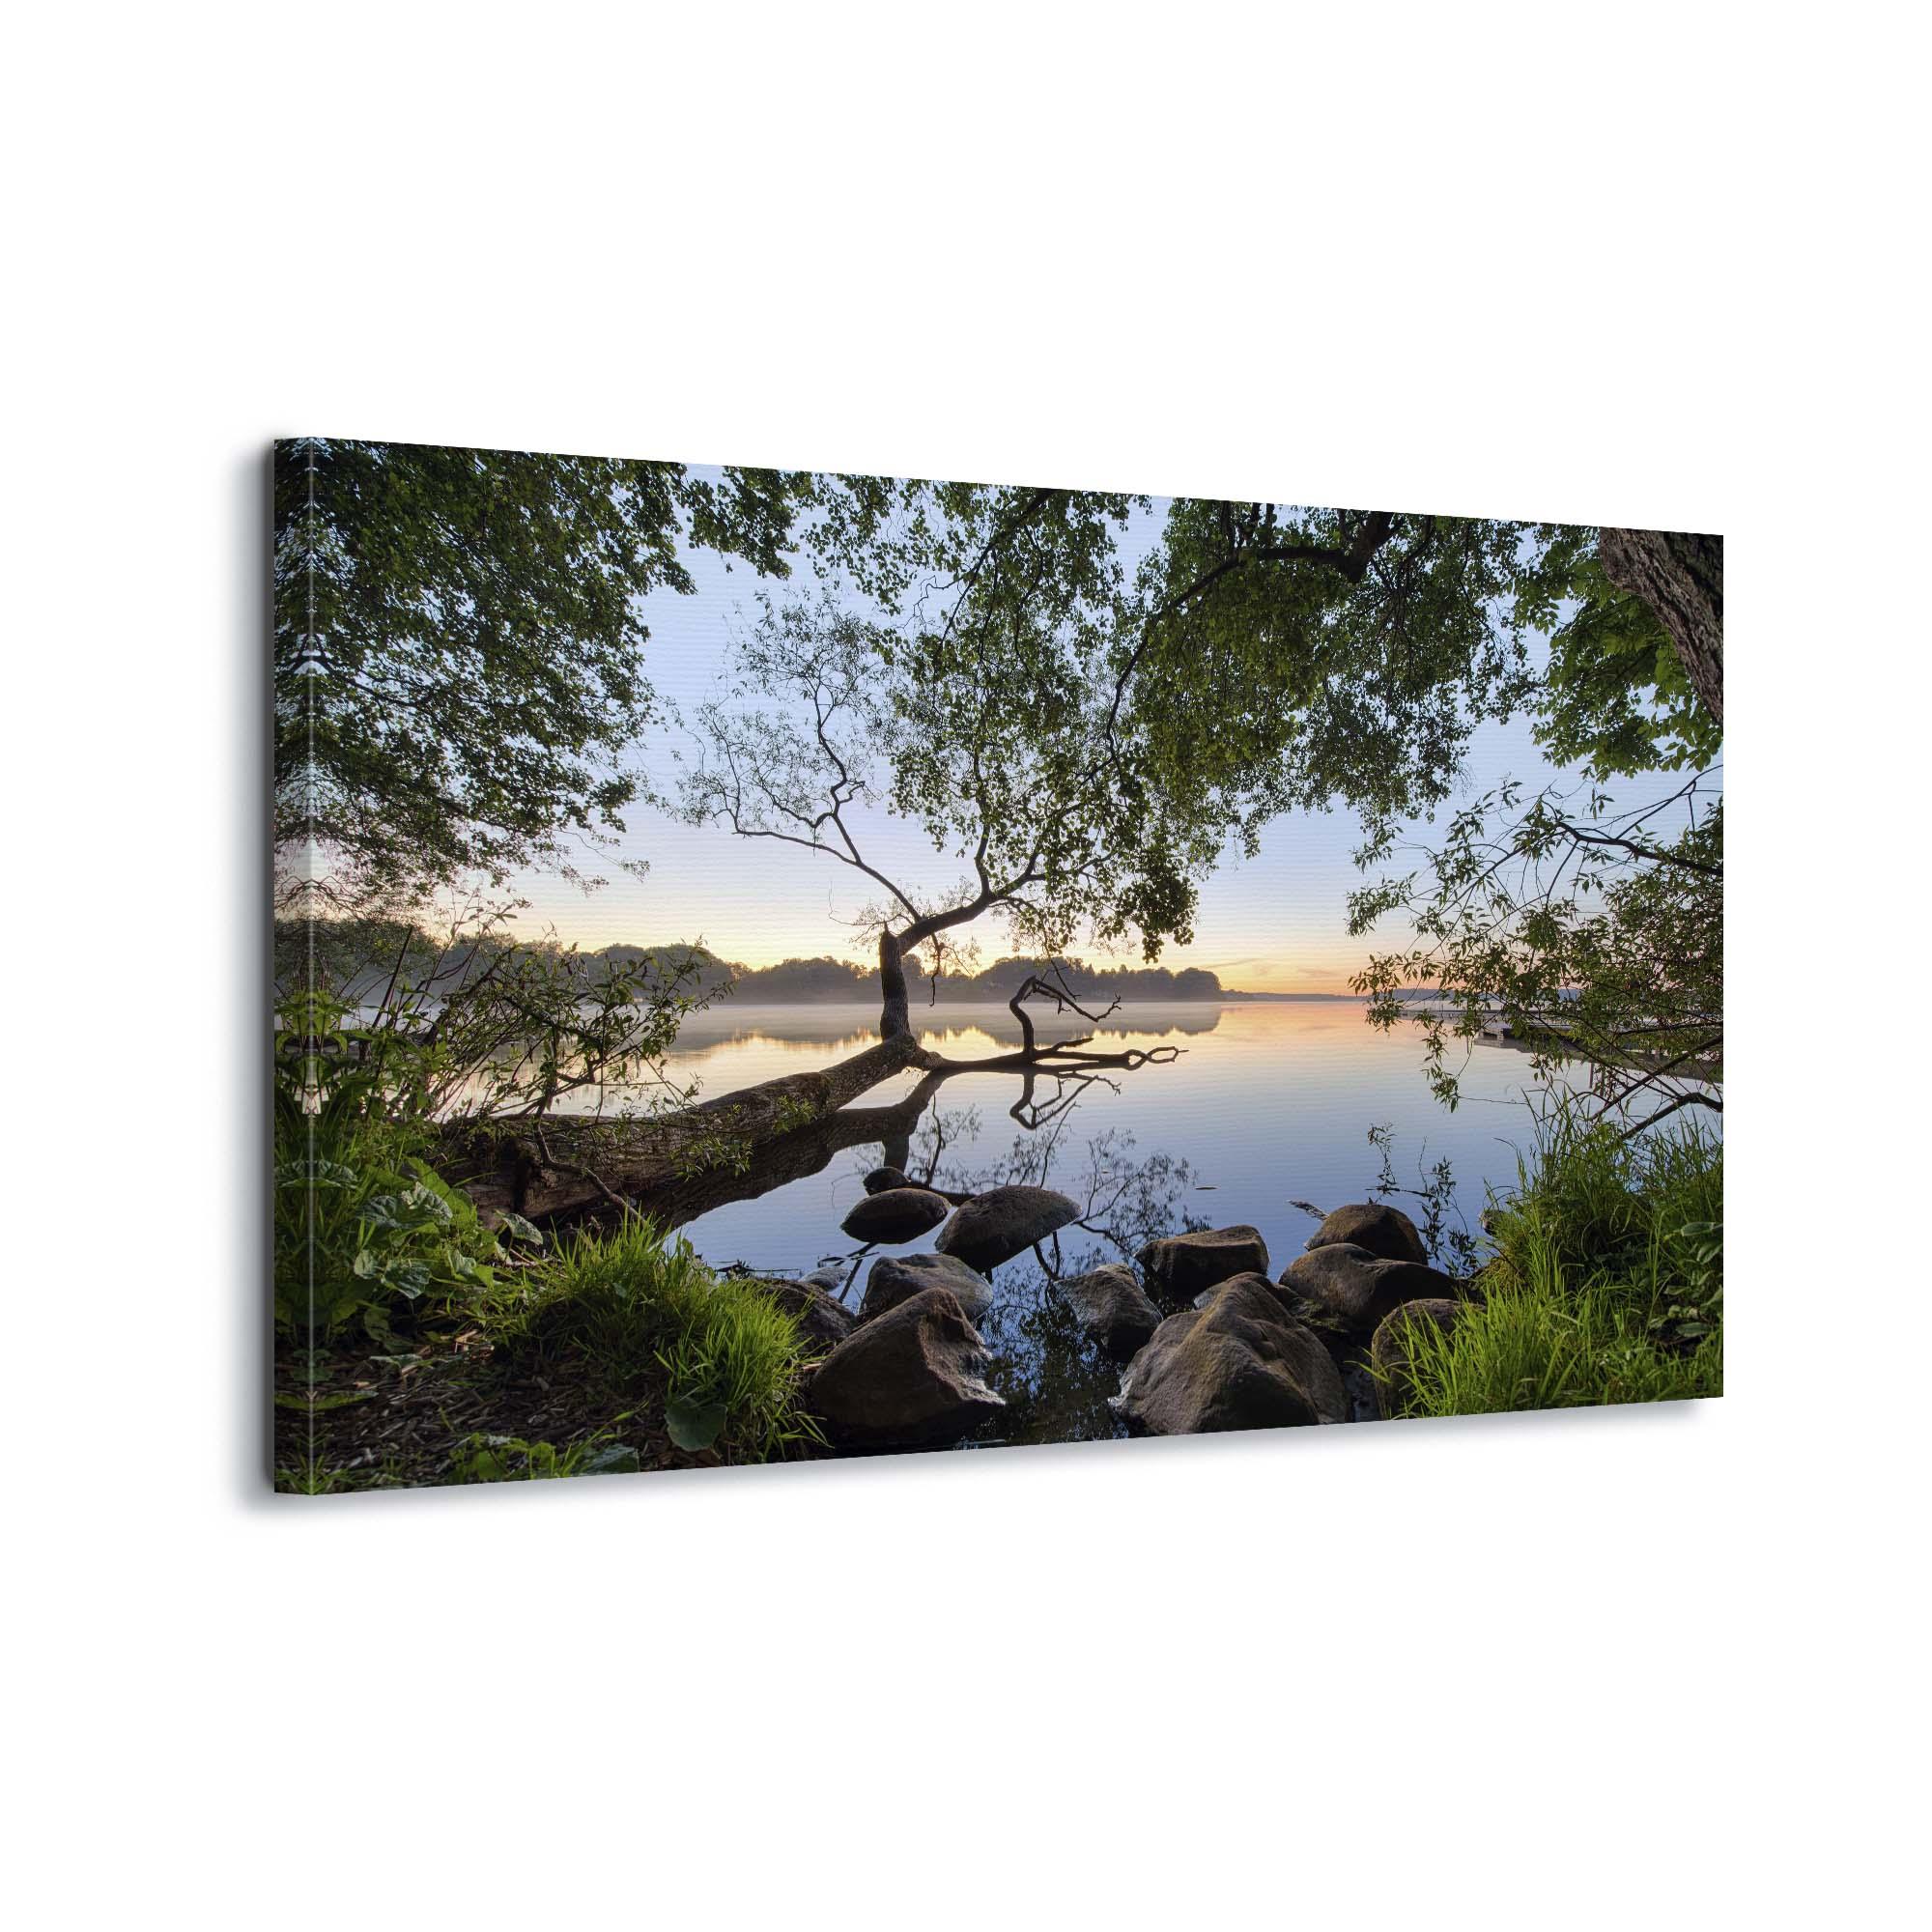 Lake View by Keller